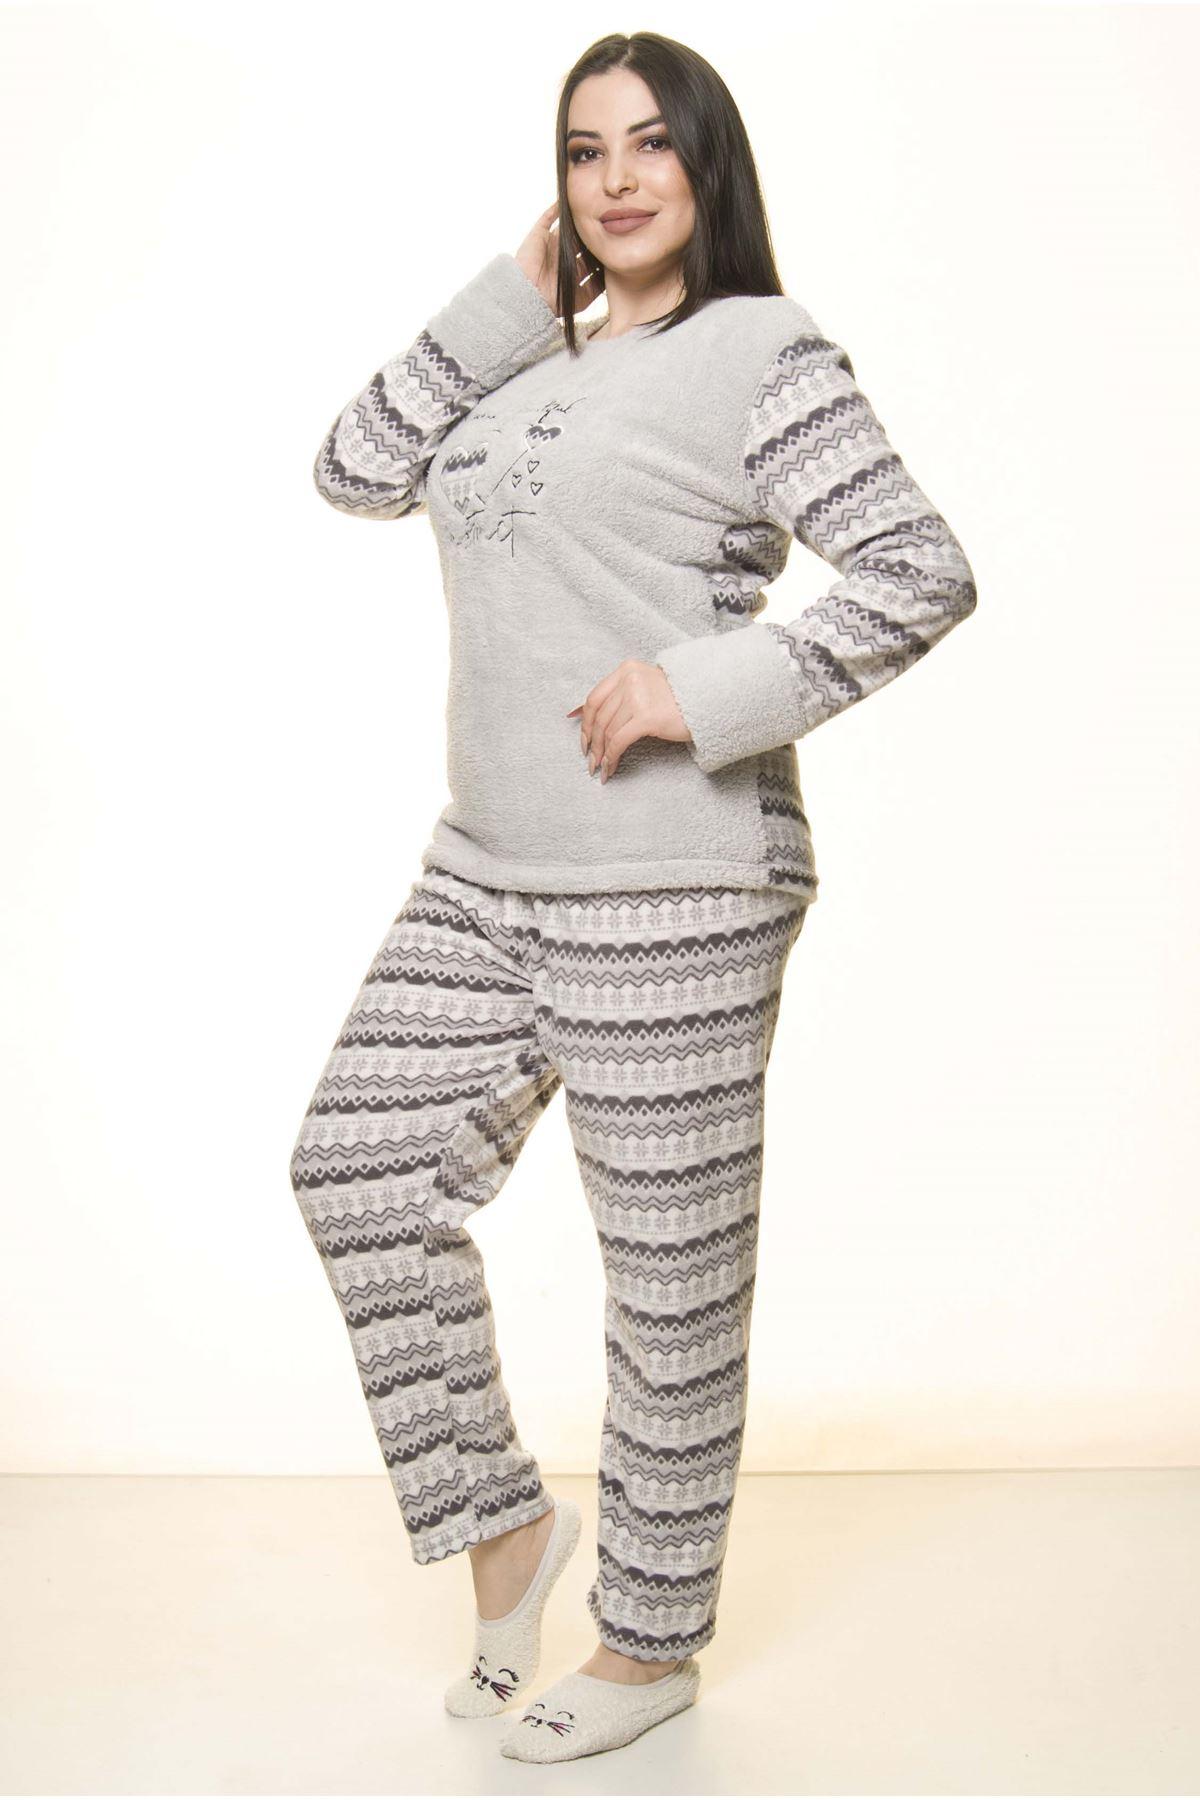 Polar Peluş Kışlık Pijama Takımı 32C-1521